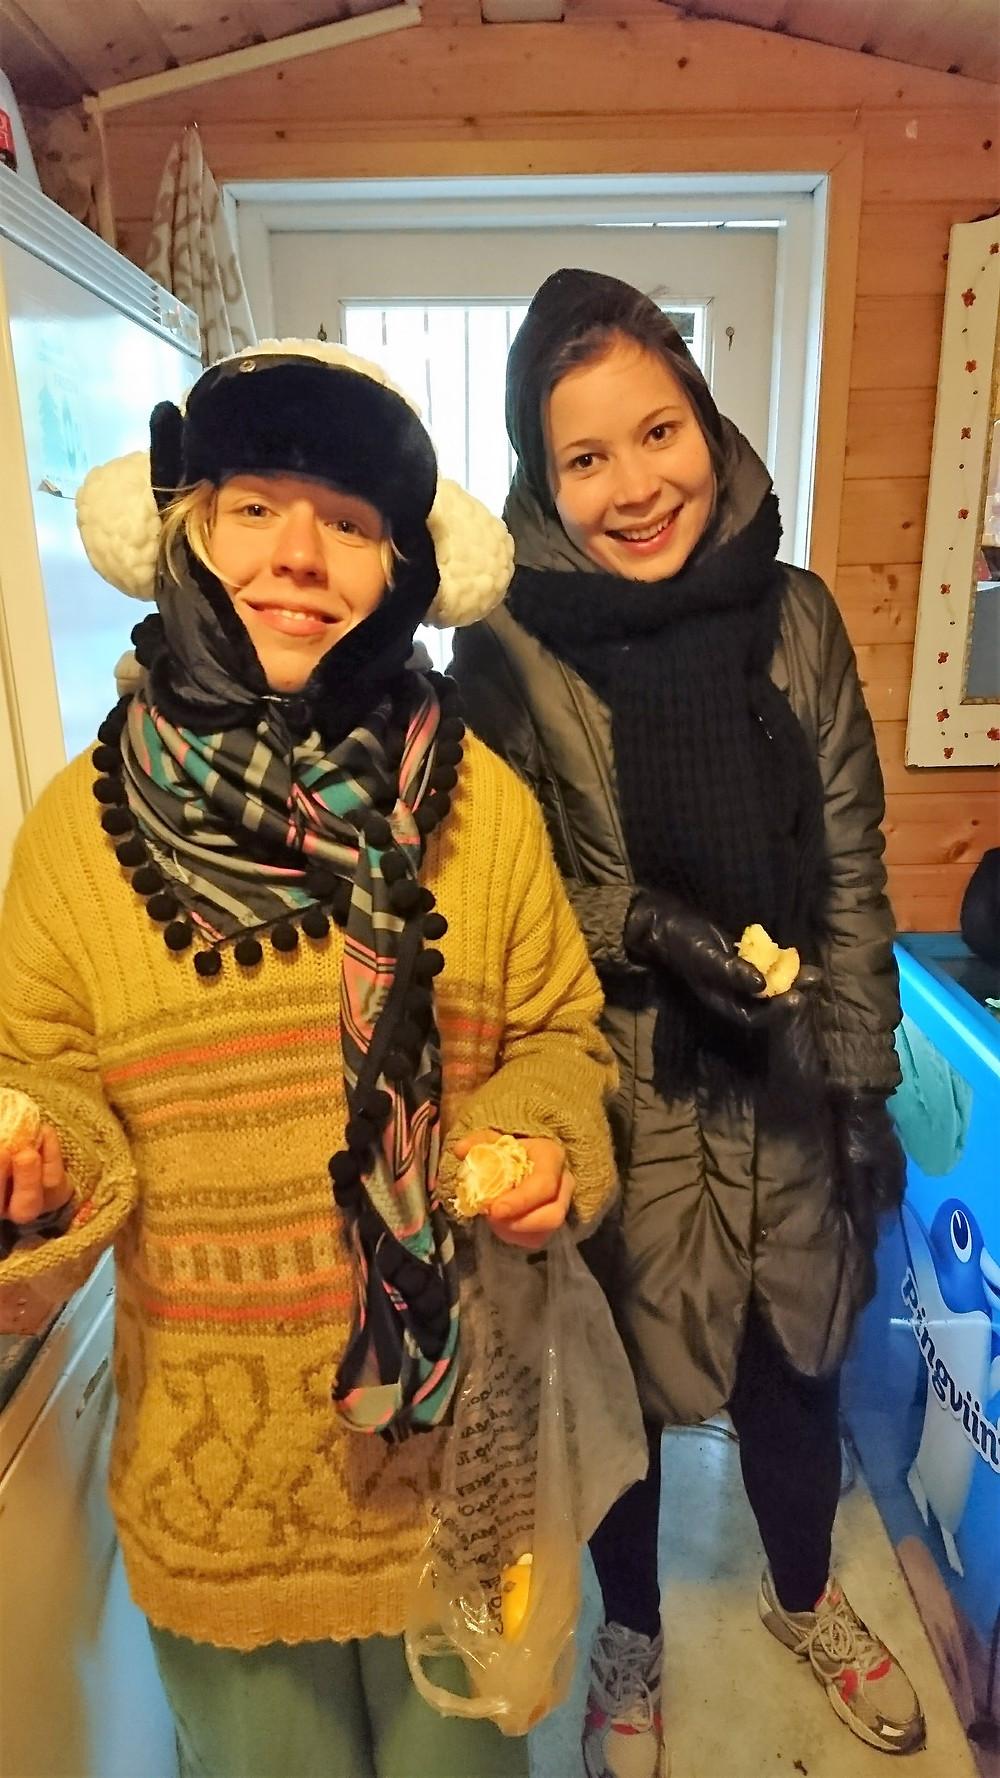 Ennätyksellisen kylmä kevät kysyi näyttelijöiltä luovuttaa myös pukeutumisessa. Vilma Putro ja Anna Andersson ja treenivaatetus. Kuva Suvi Lahdenmäki.